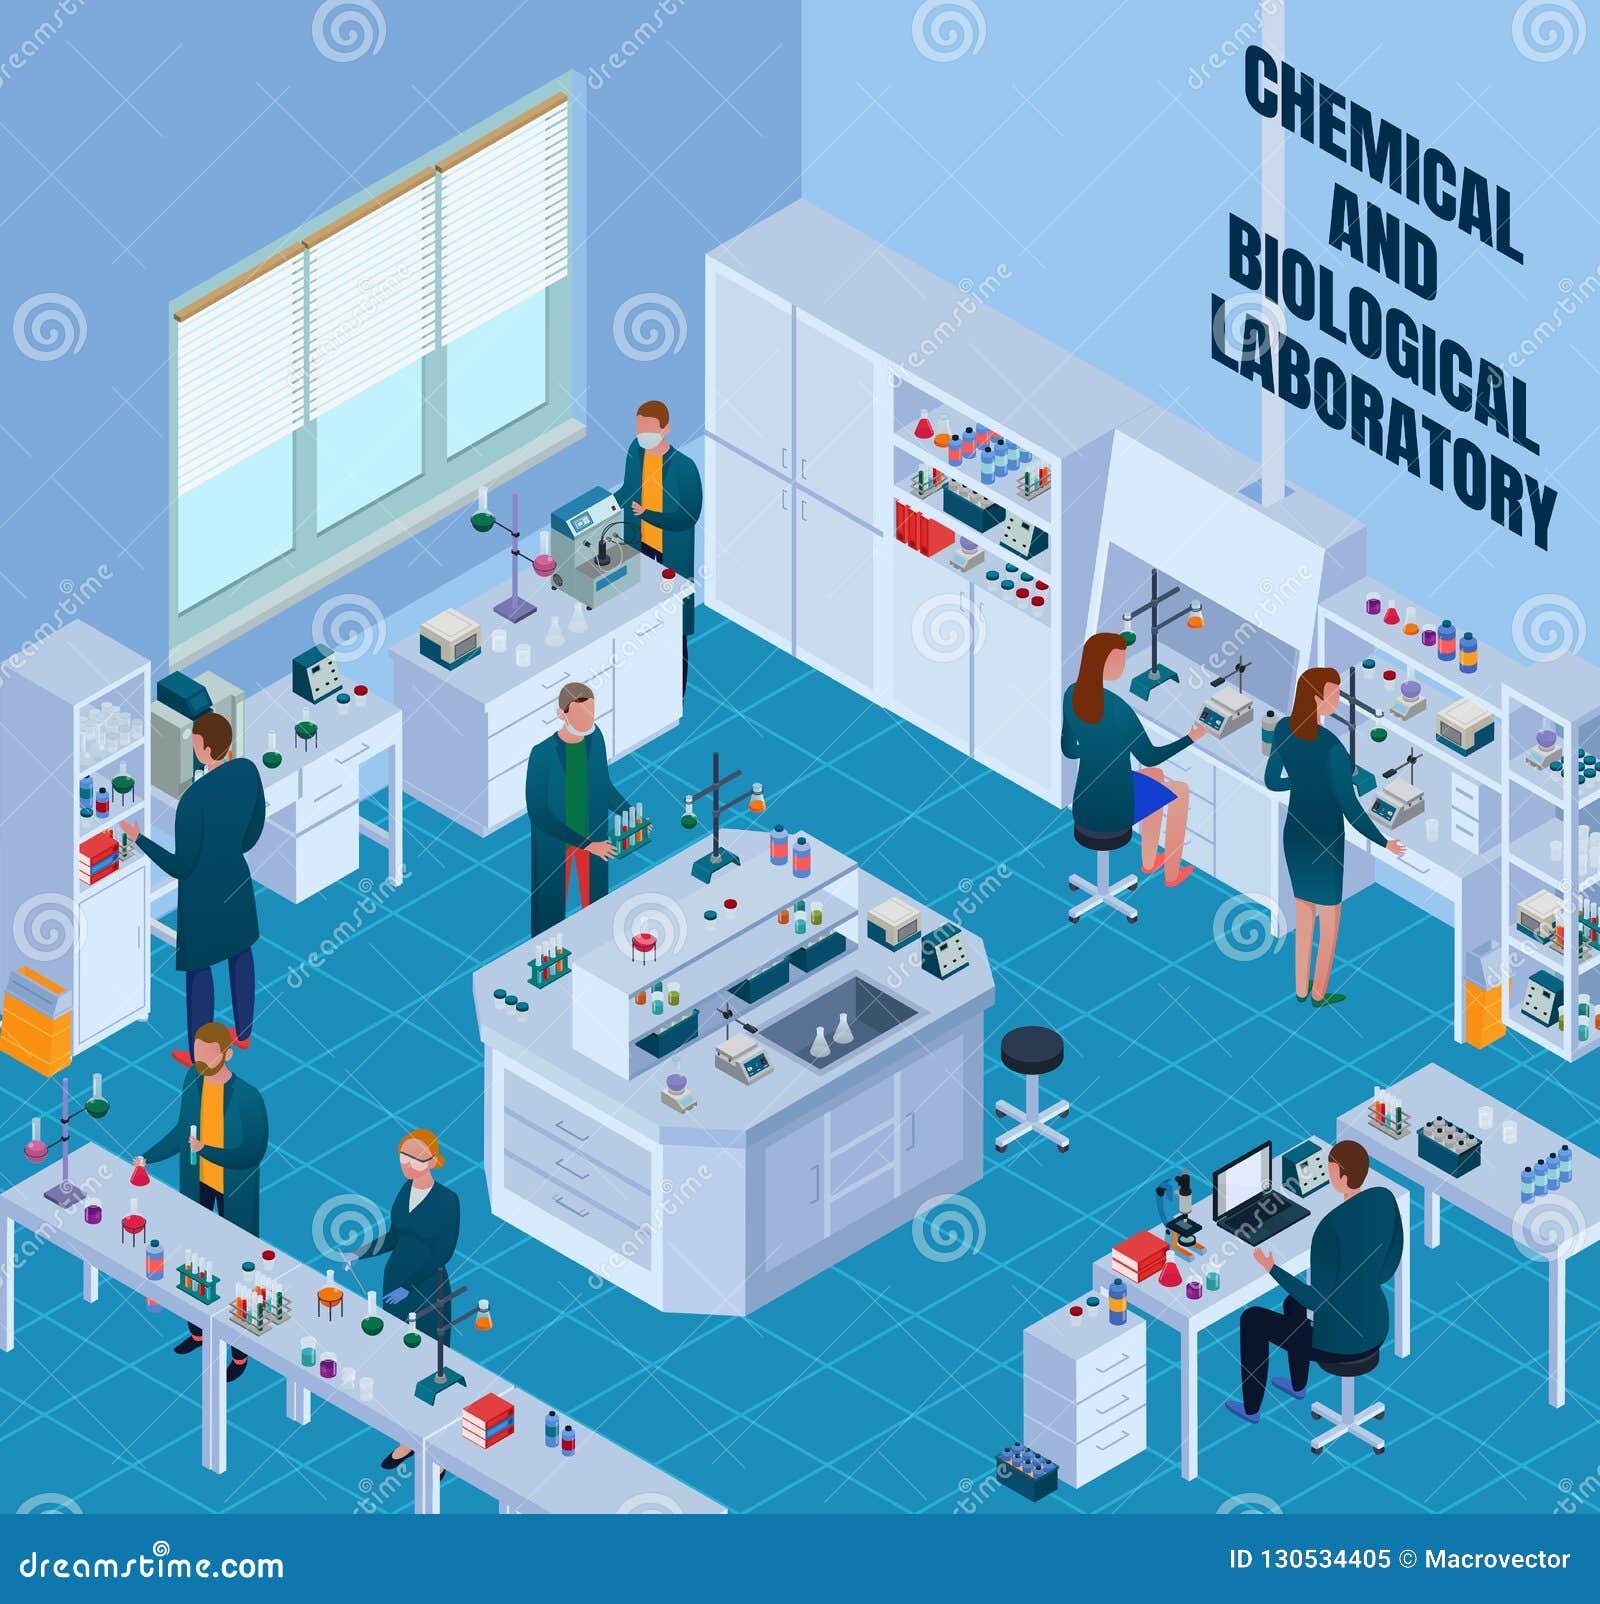 Illustrazione isometrica del laboratorio biologico chimico